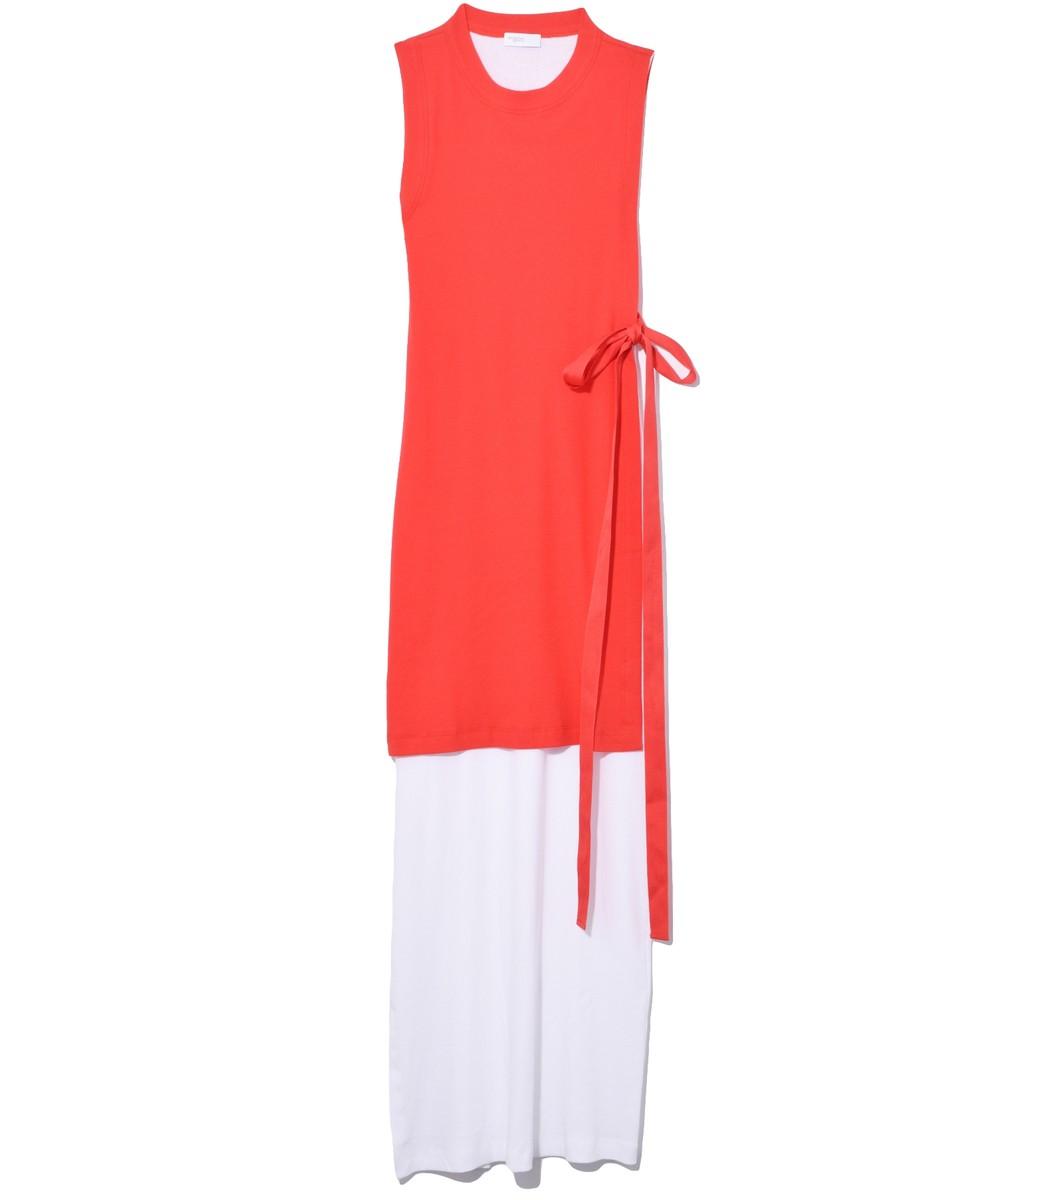 Rosetta Getty Dresses Blocked Split Dress in White/Poppy